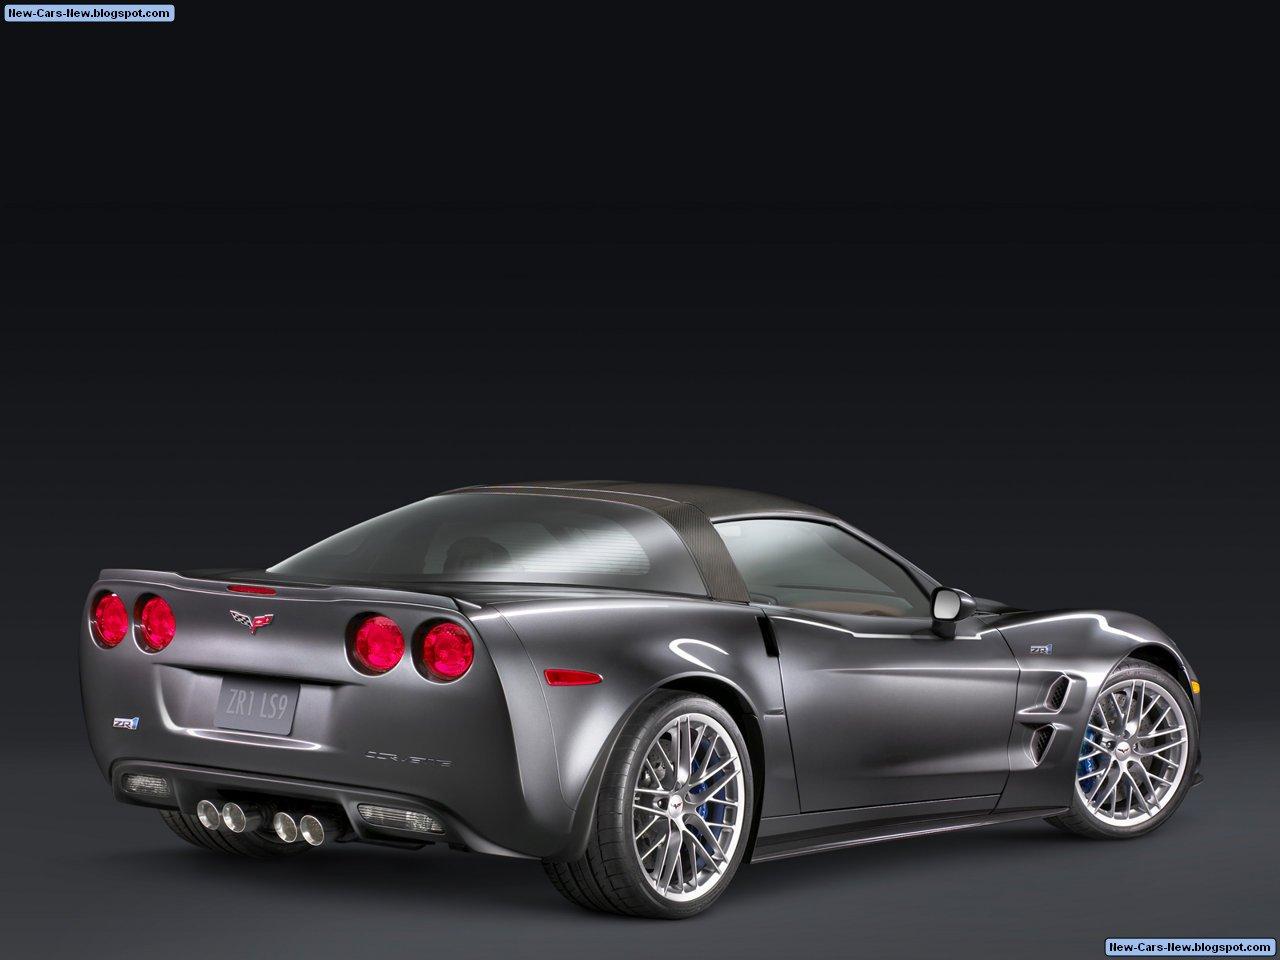 http://3.bp.blogspot.com/_U4w592tUDHM/TDybL5pdmwI/AAAAAAAAEPs/15TQa-c65J8/s1600/Chevrolet-Corvette_ZR1_2009_1280x960_wallpaper_03.jpg